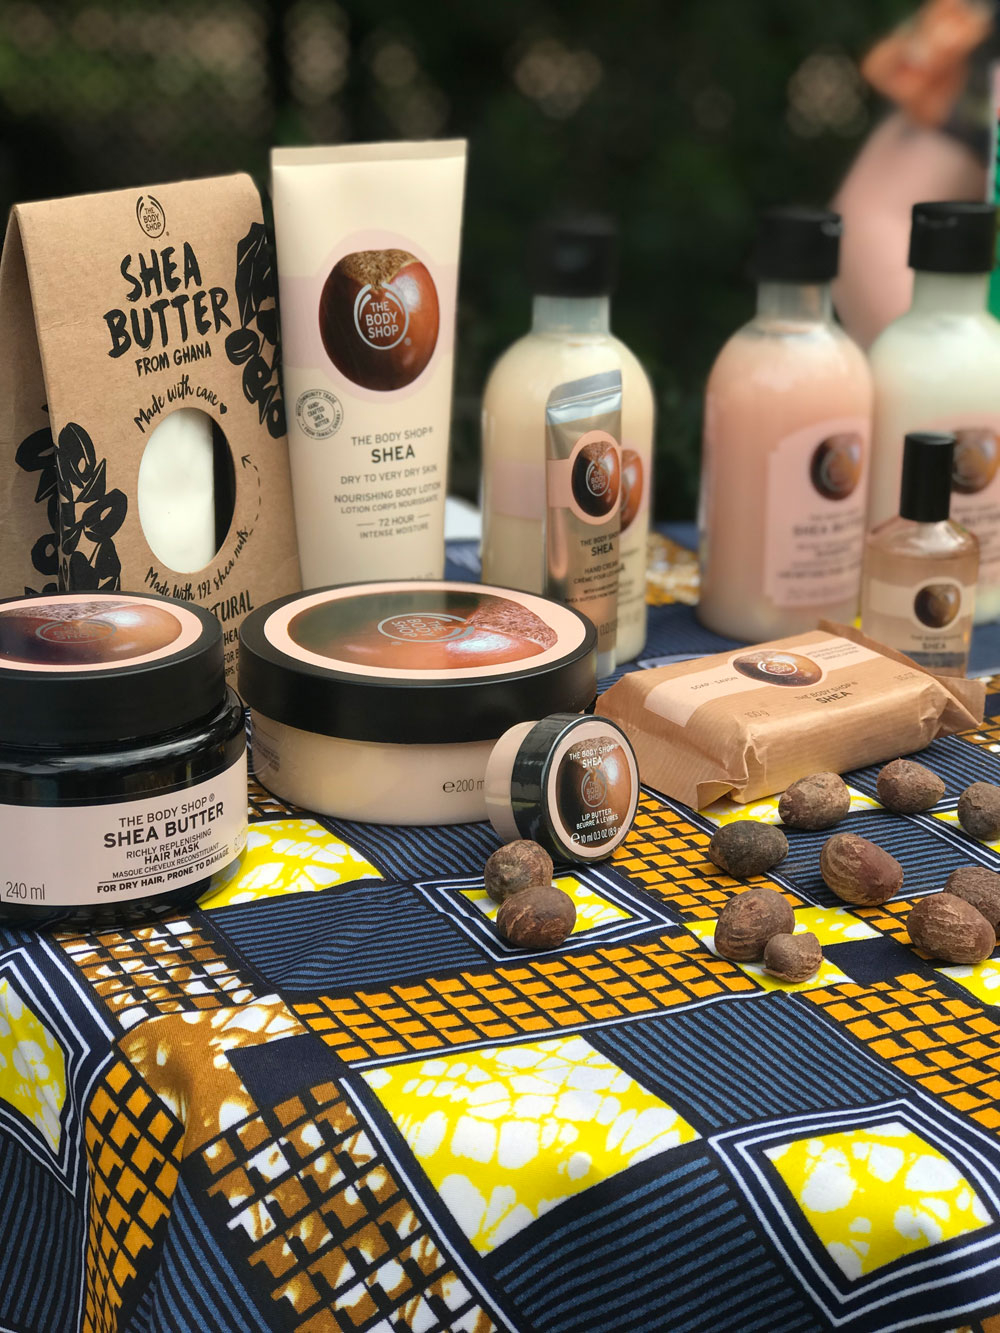 The Body Shop erweitert die beliebte Shea Butter Linie unter anderem um rein natürliche Shea Butter, die in Ghana hergestellt wird.